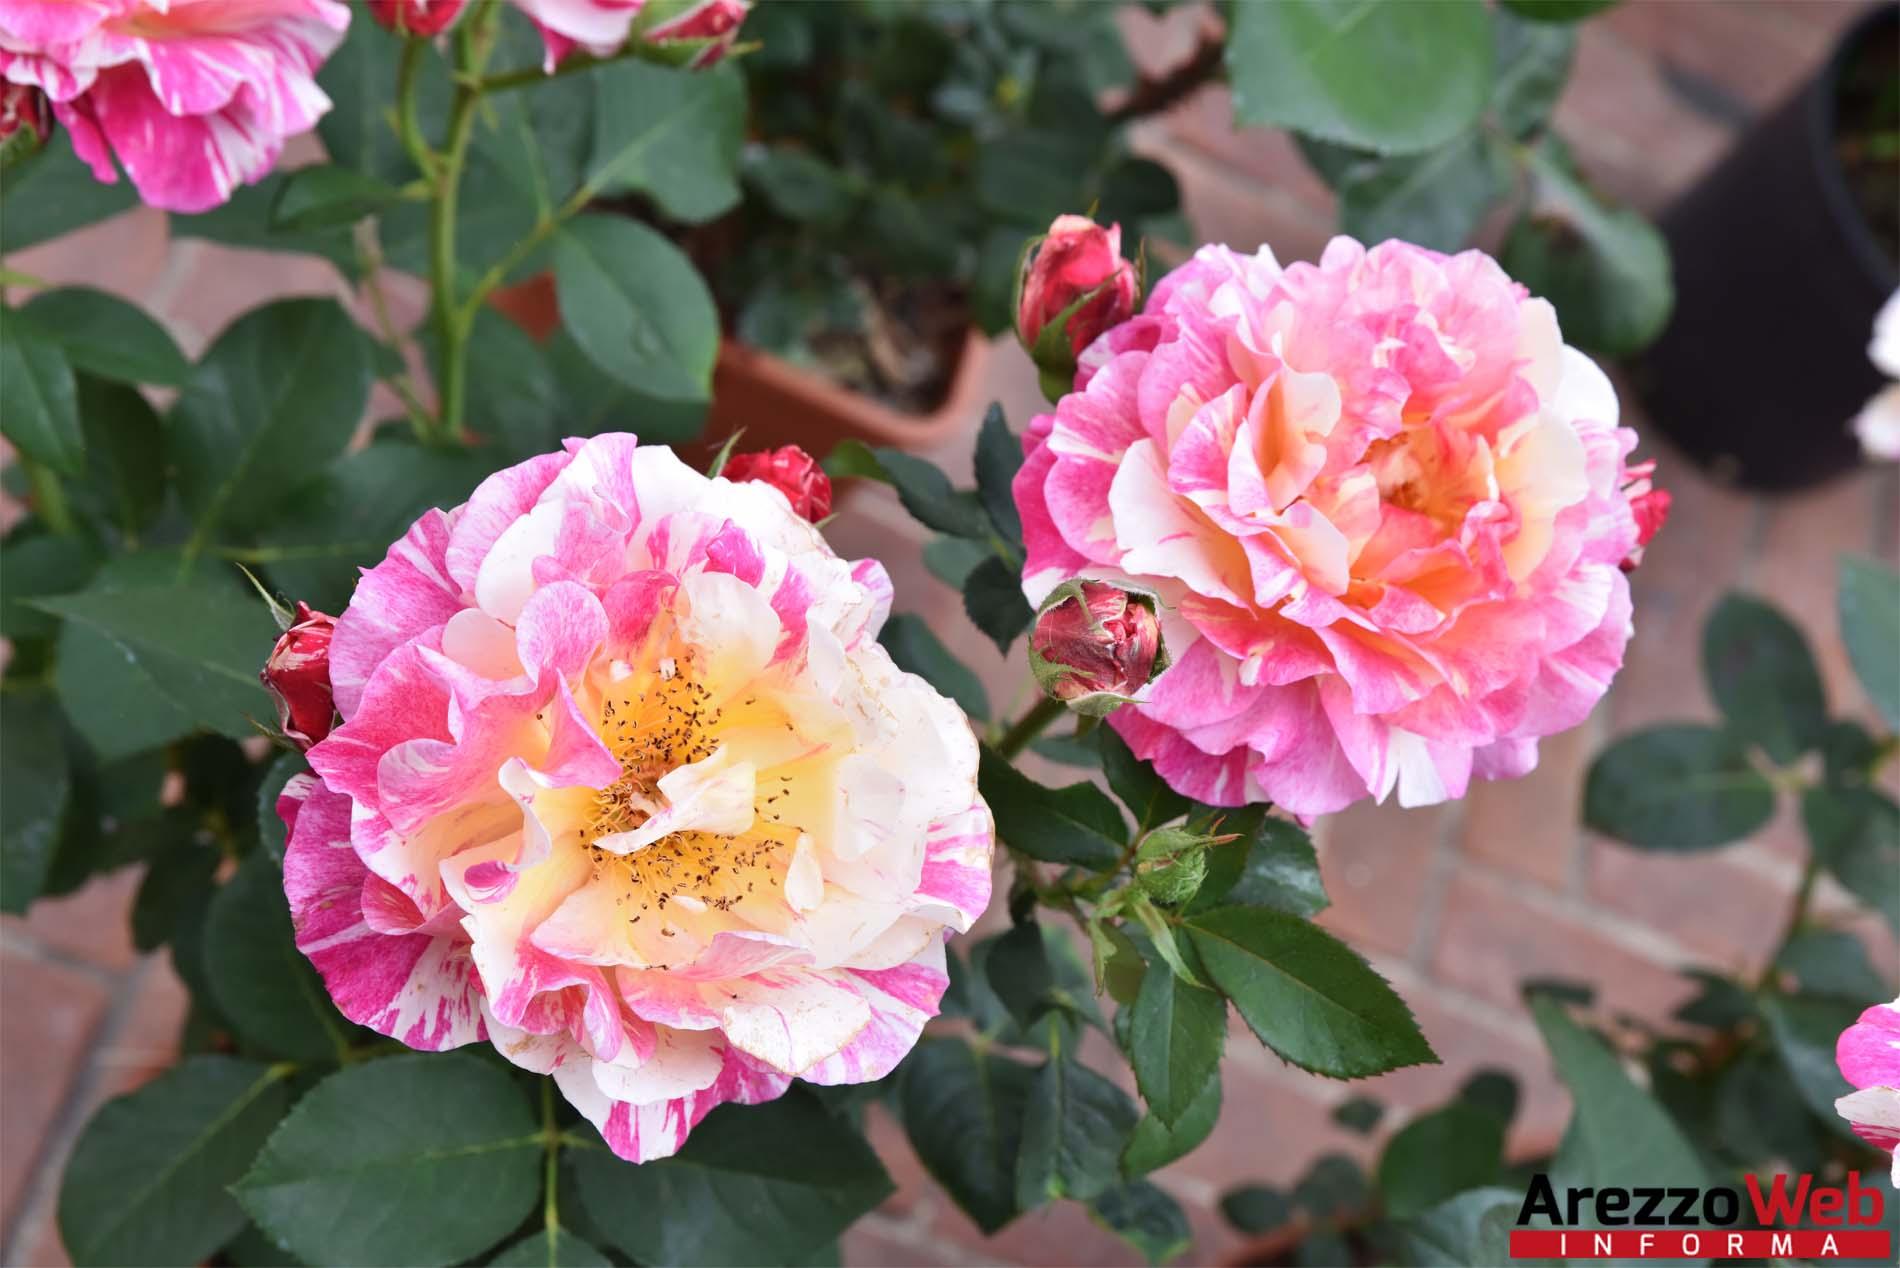 """Immagini Piante E Fiori coronavirus, """"via libera alla vendita di piante e fiori"""